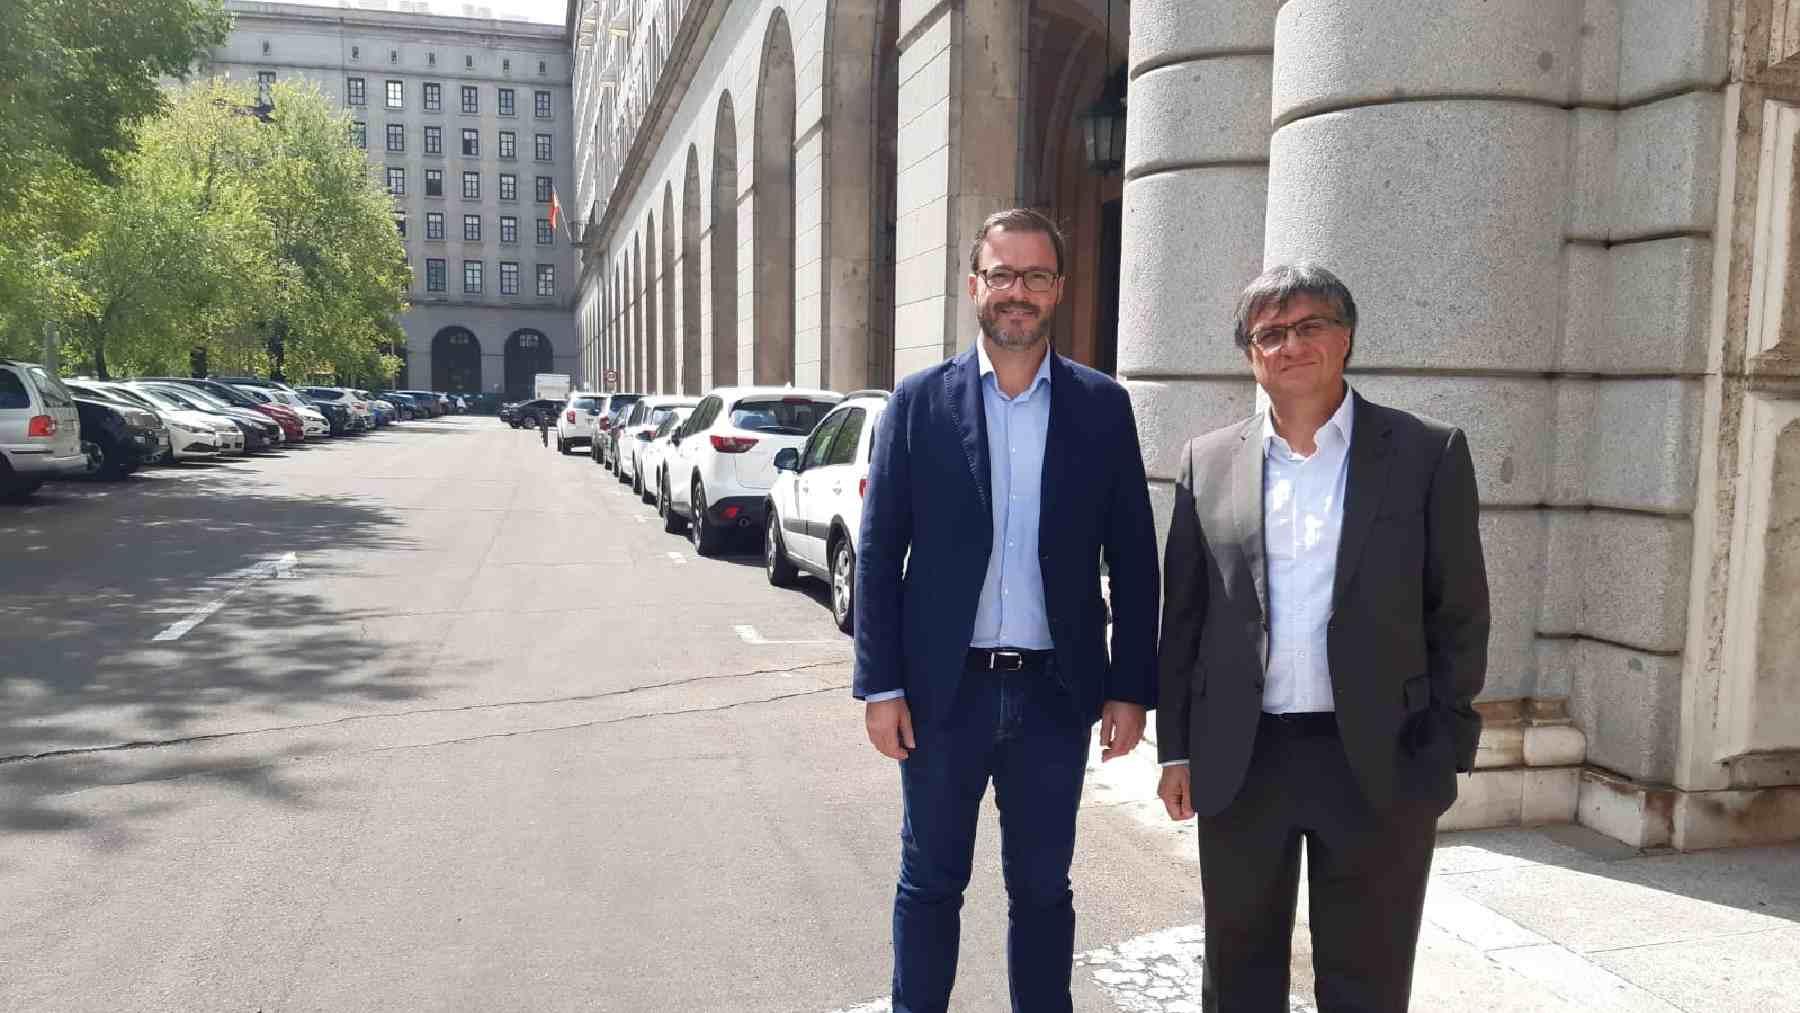 El alcalde de Palma, José Hila, y el presidente de la compañía municipal de limpieza, Ramón Perpinyà.